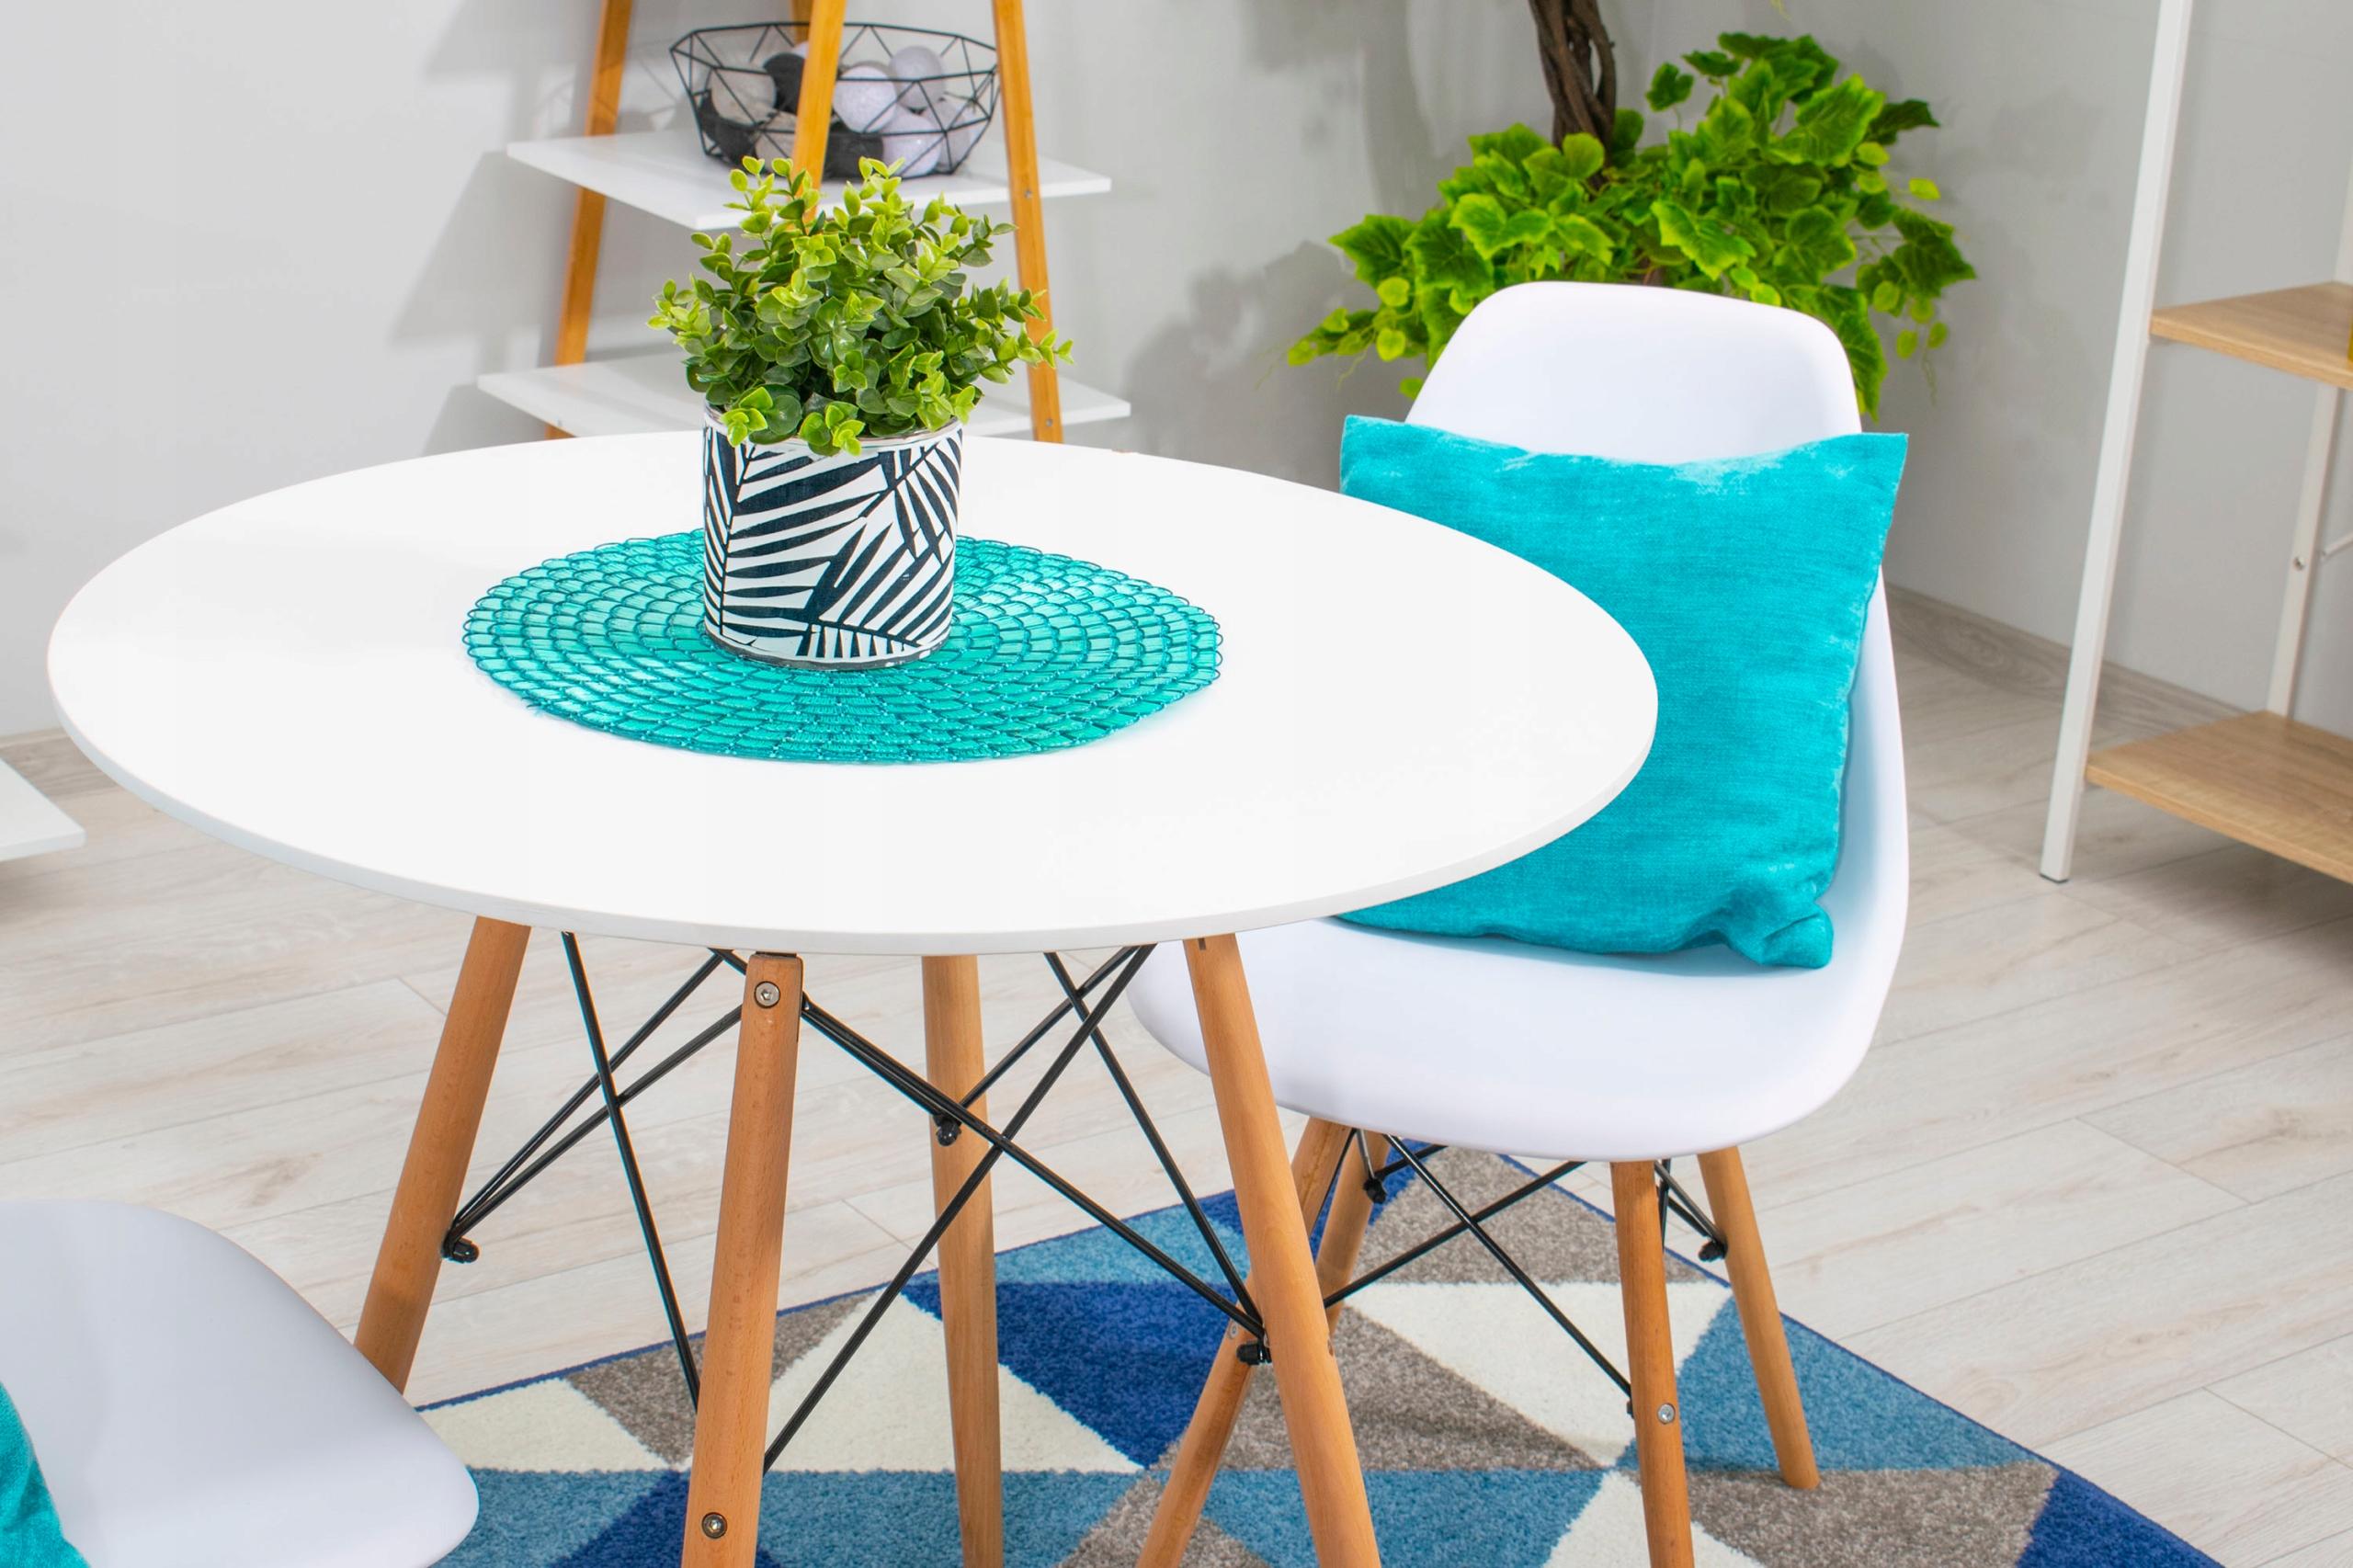 Stół + 4 Krzesła Nowoczesny Skandynawski Styl DSW Szerokość siedziska 46 cm